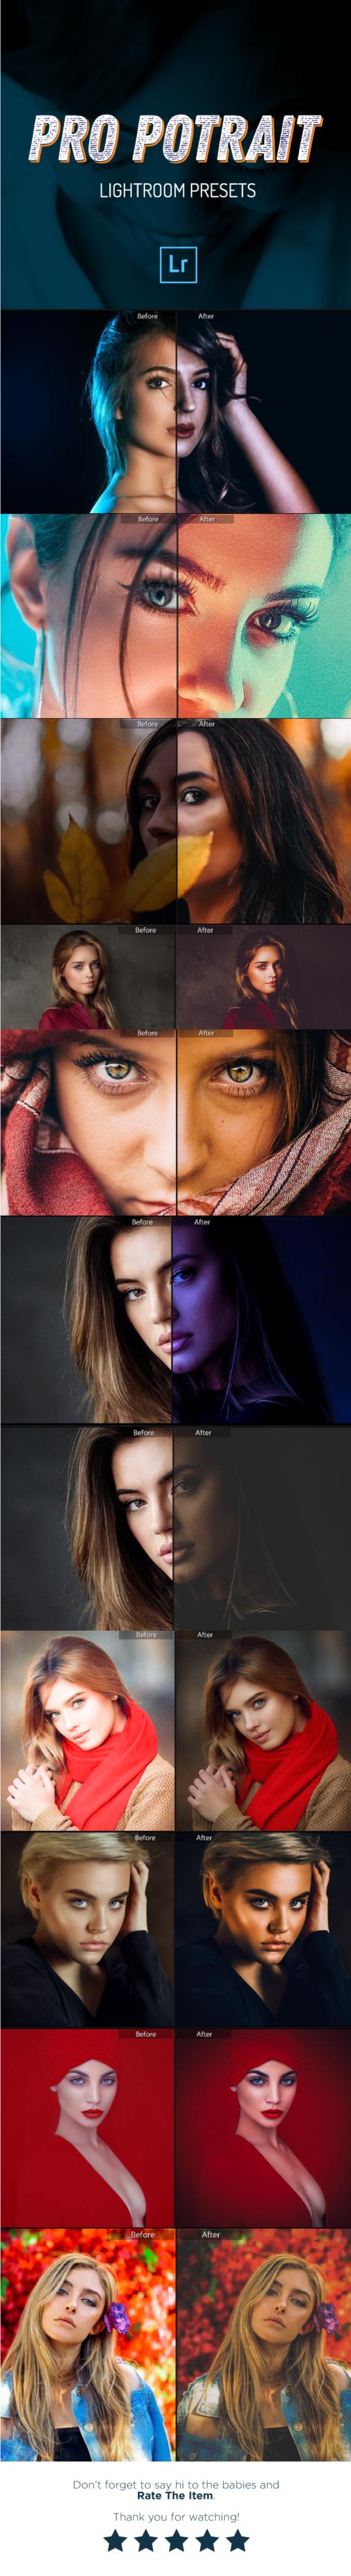 14 Pro Portrait Lightroom Presets - Portrait Lightroom Presets